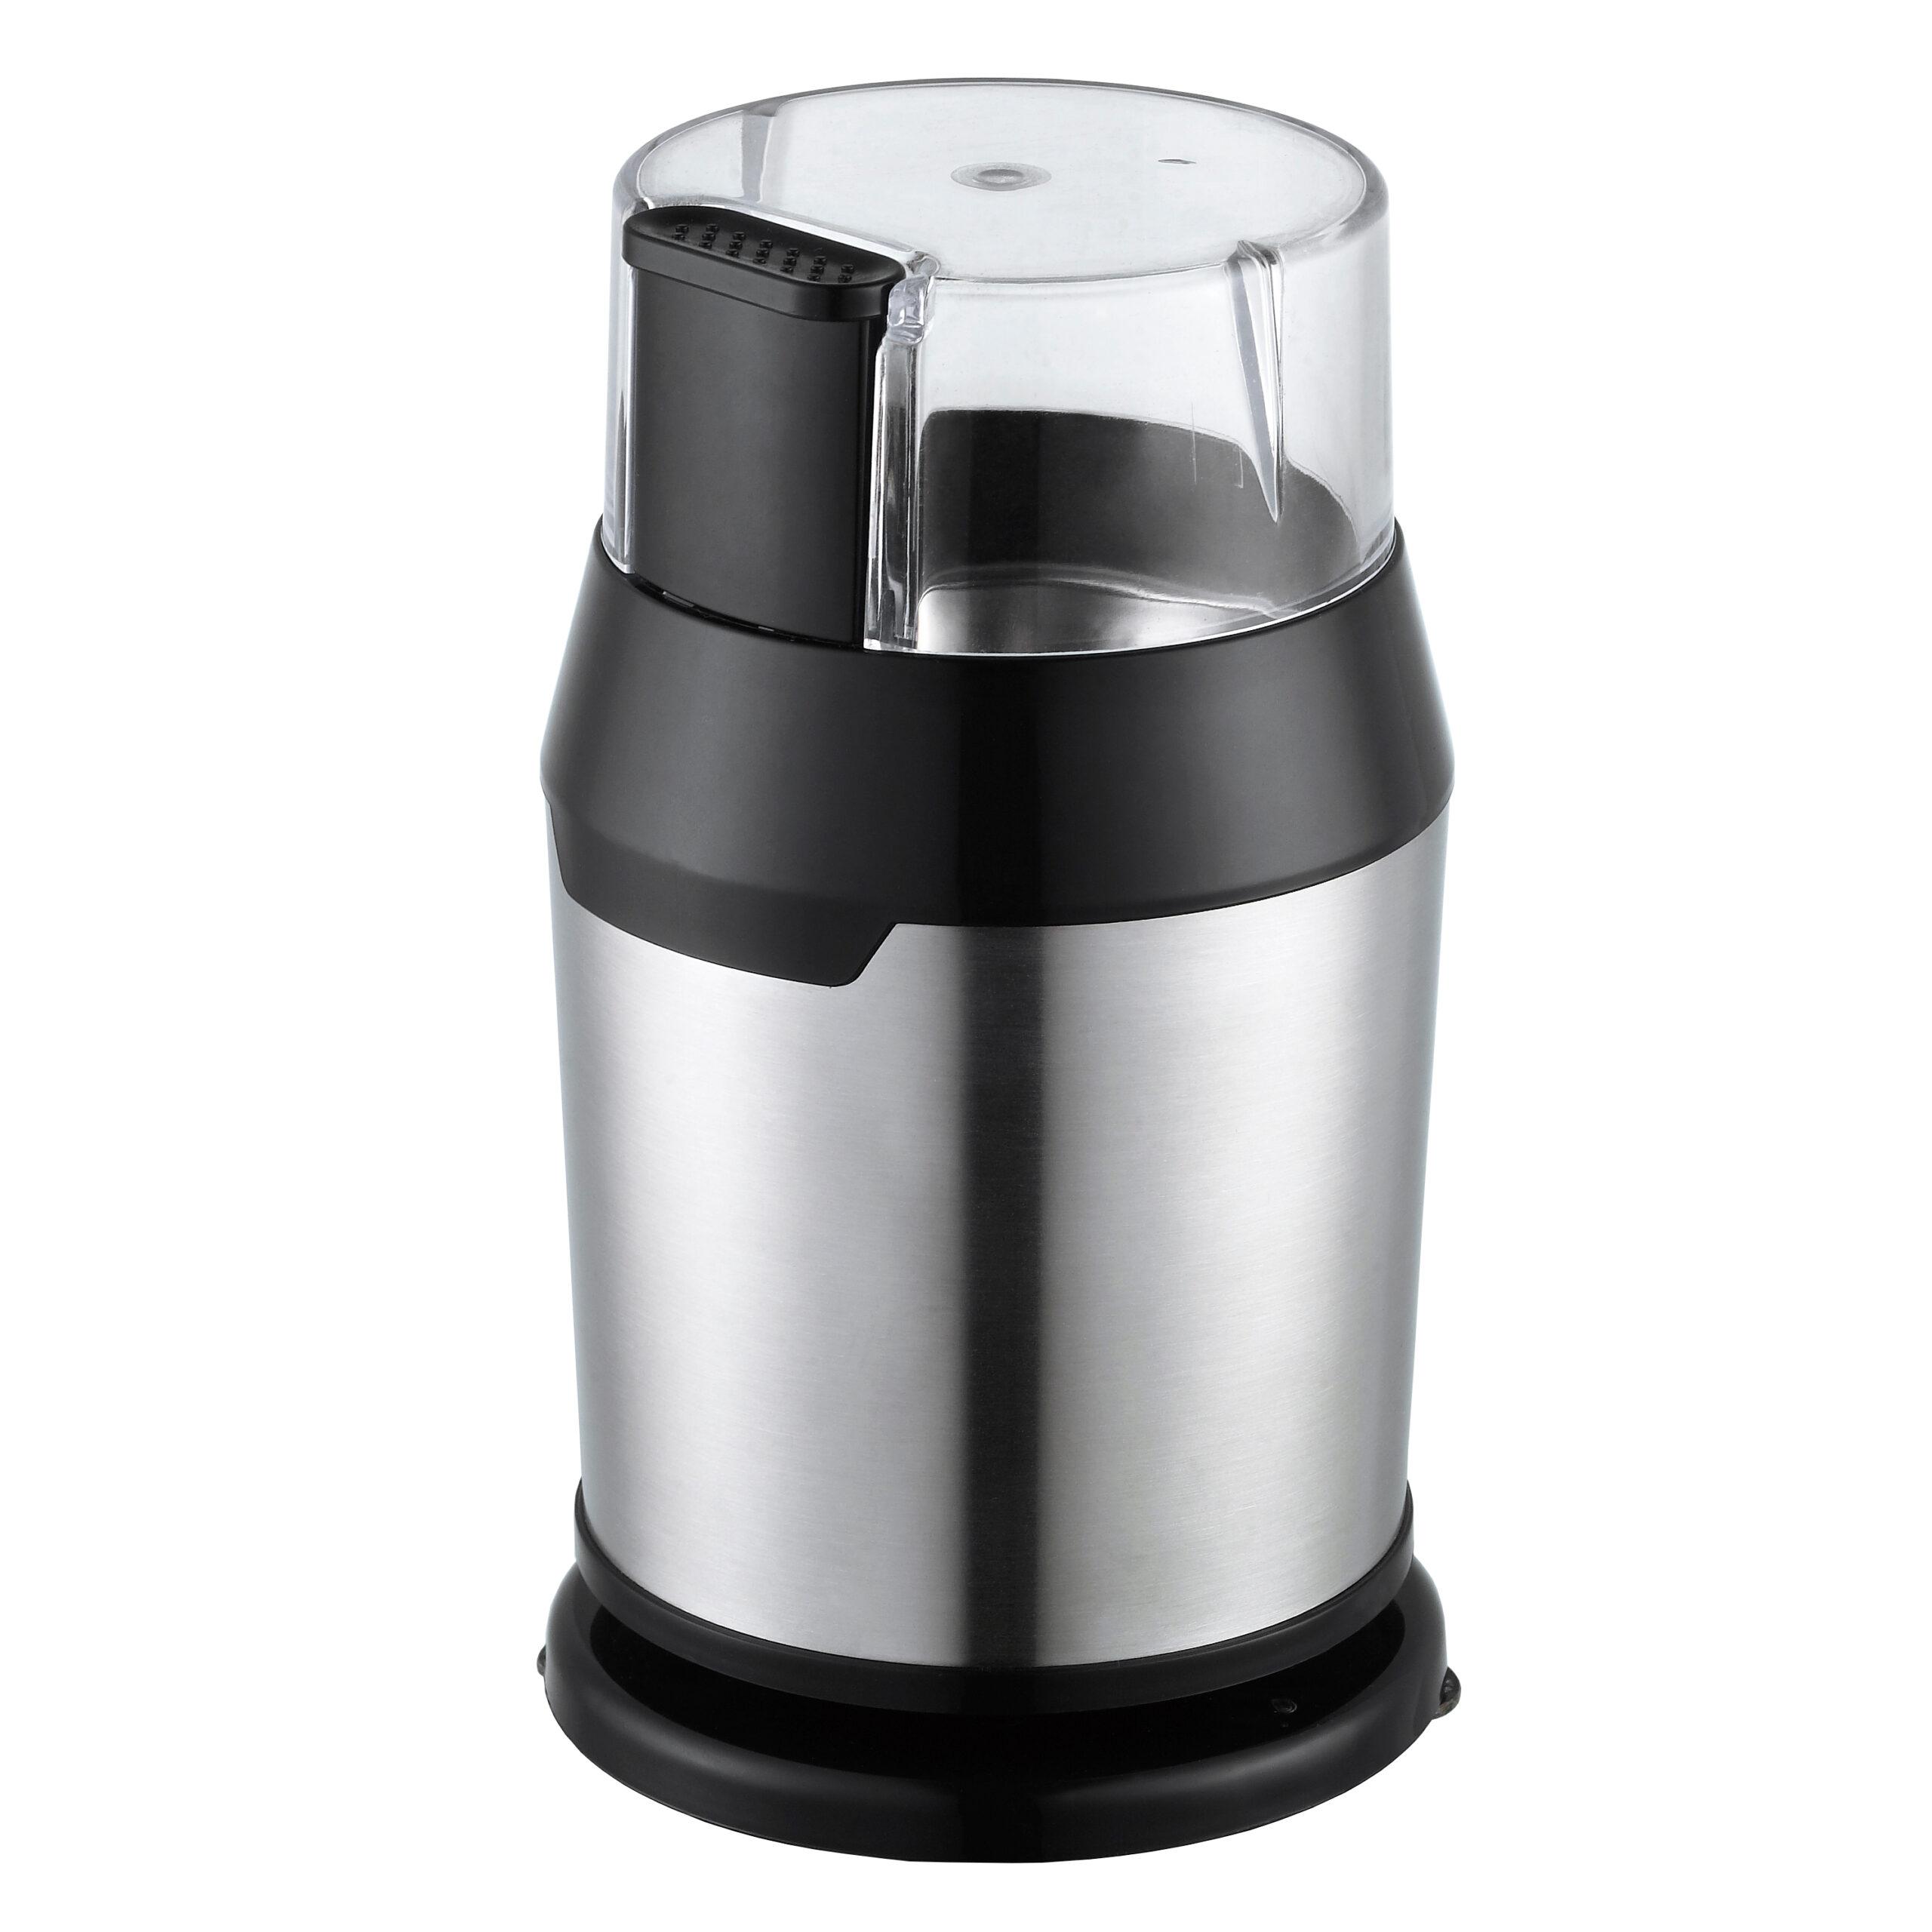 Molinillo de café eléctrico BN3296